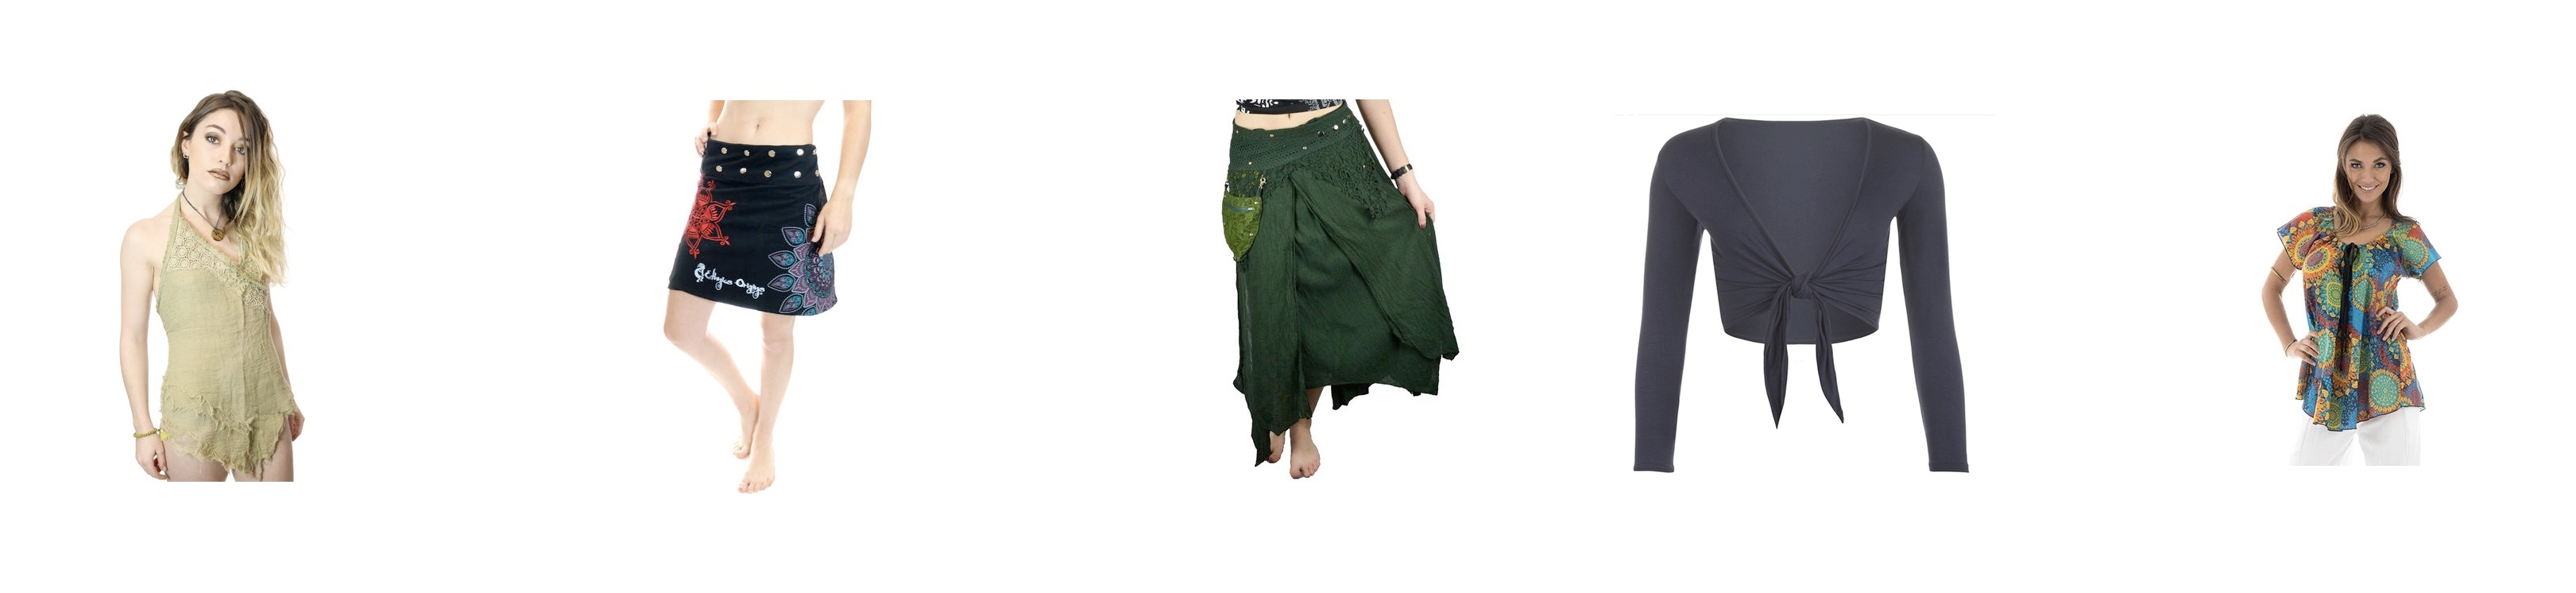 super popular ac422 3bd02 ... noir carbone chiné femme jupes  Jupe et haut femme ethnique -  indiennes, népalaises, hippies, top  air jordan banned 1 ...